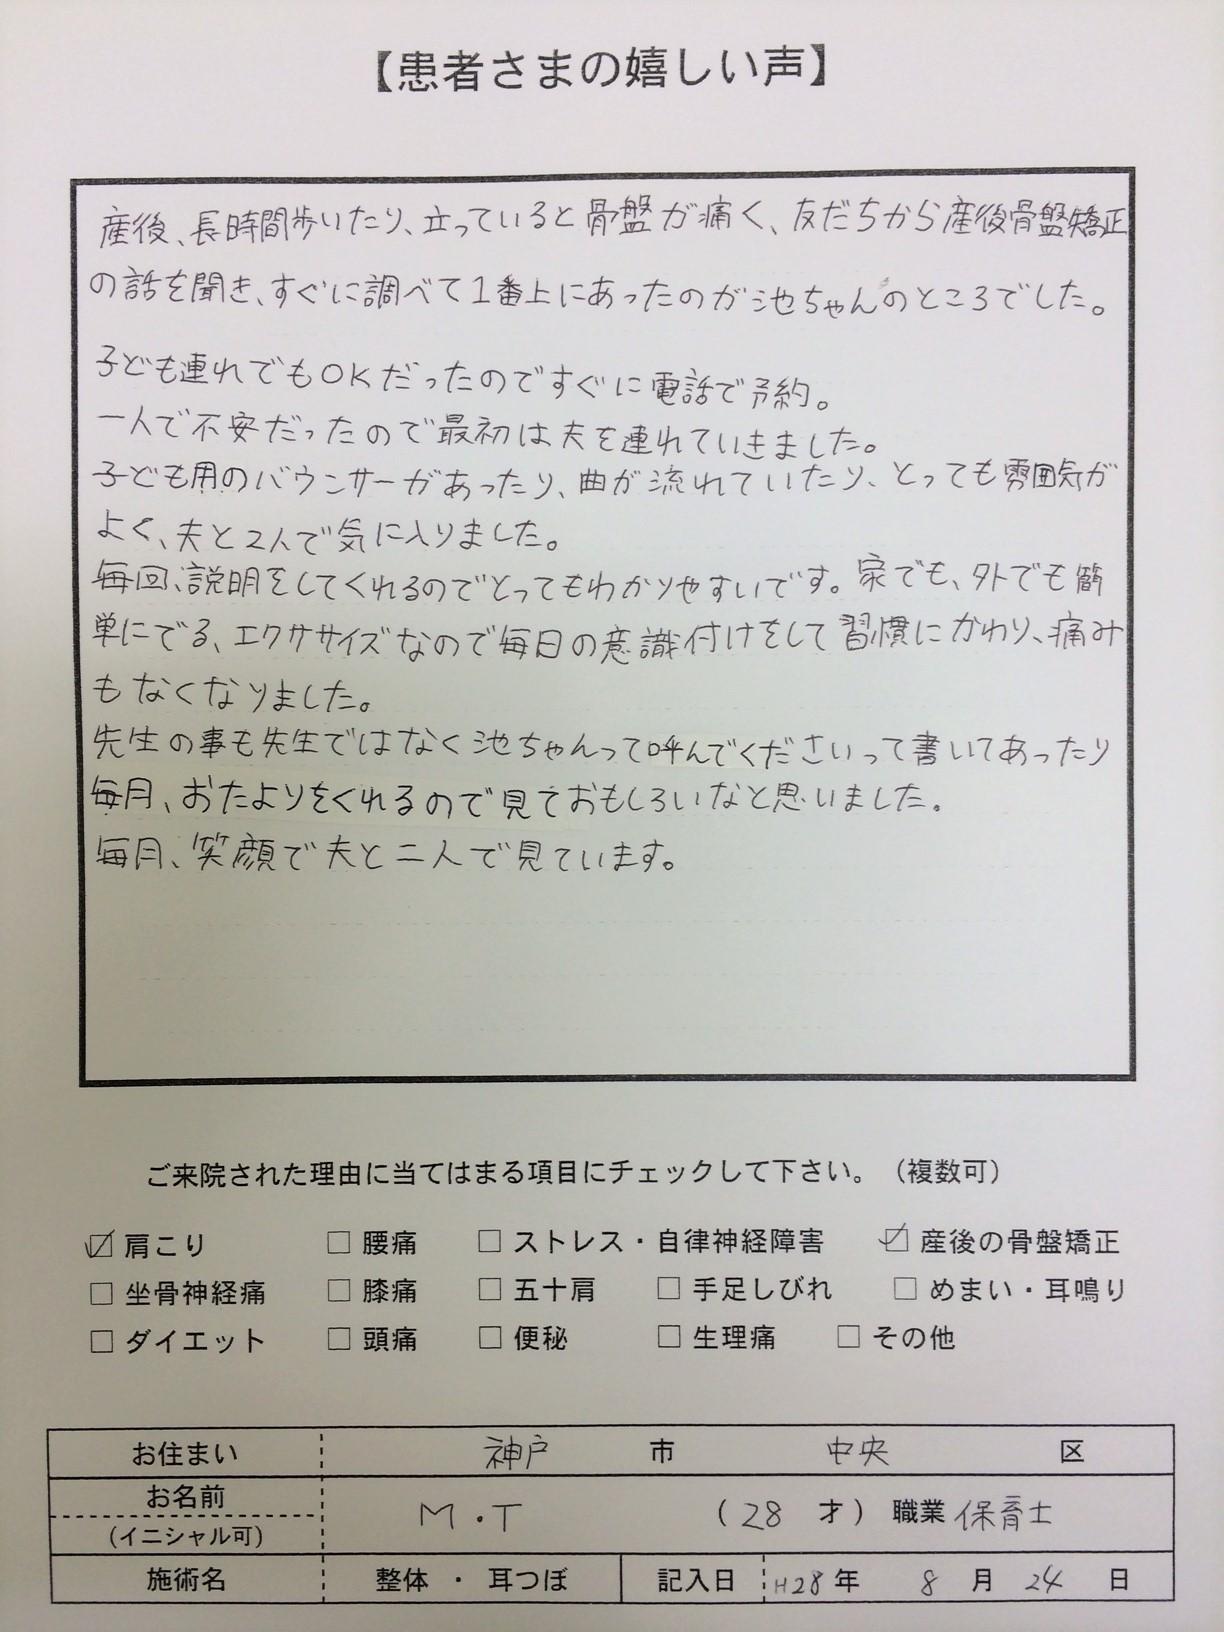 神戸市中央区 M.T様 28才 保育士.jpg